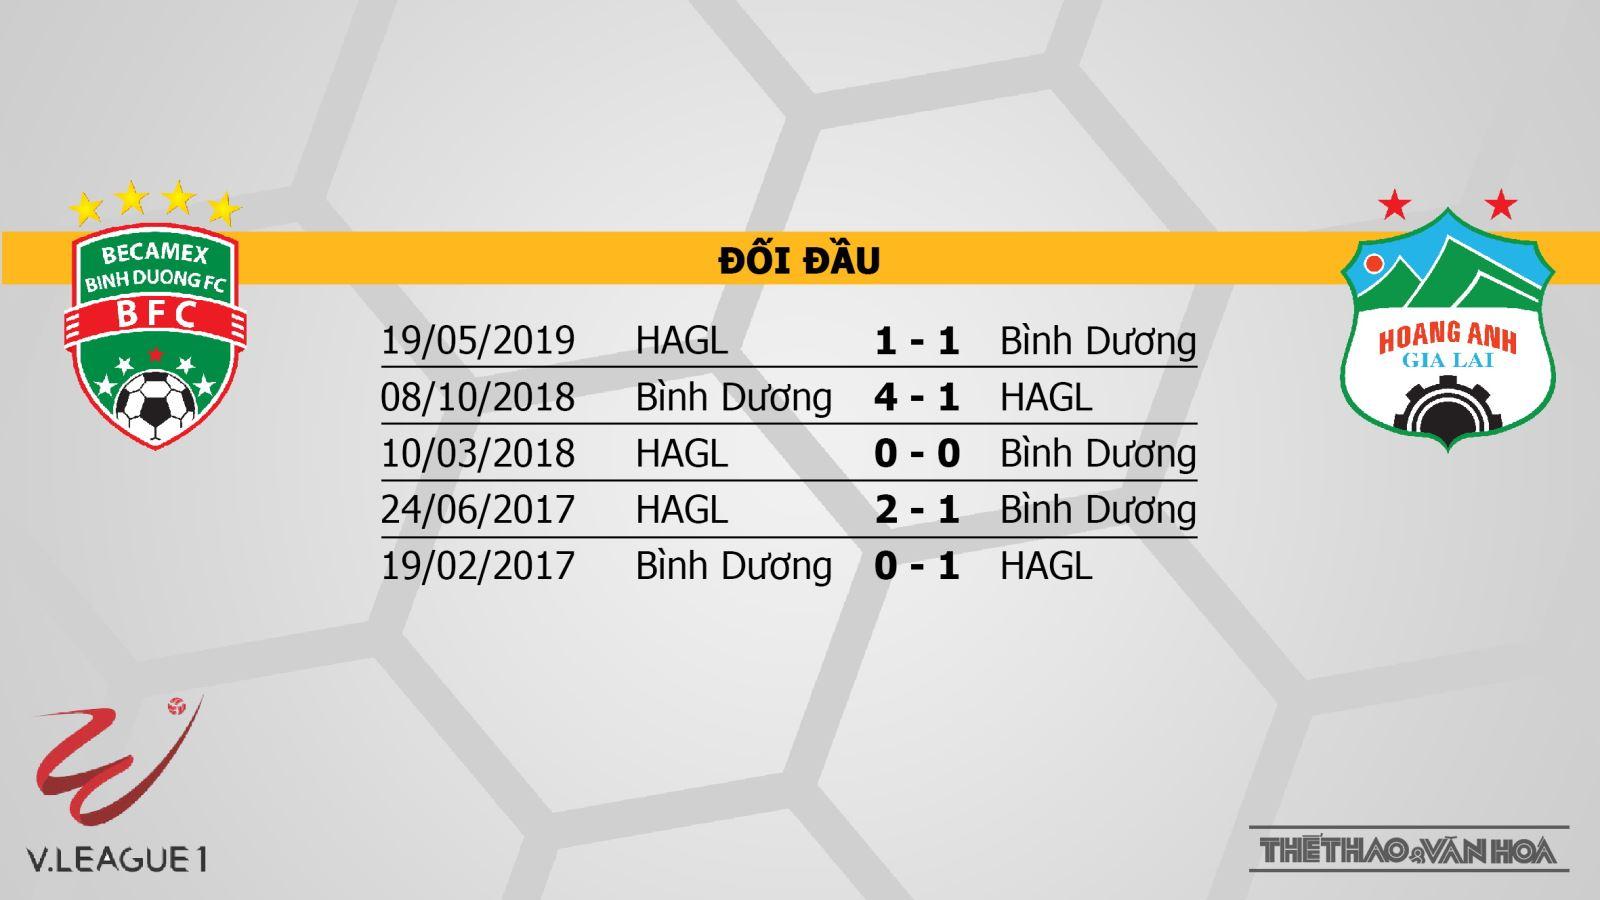 truc tiep bong da hôm nay, Bình Dương đấu với HAGL, trực tiếp bóng đá, Bình Dương vs HAGL, V League, Hoàng Anh Gia Lai, xem trực tuyến, VTV6, thể thao TV, BĐTV, TTTV, FPT Play